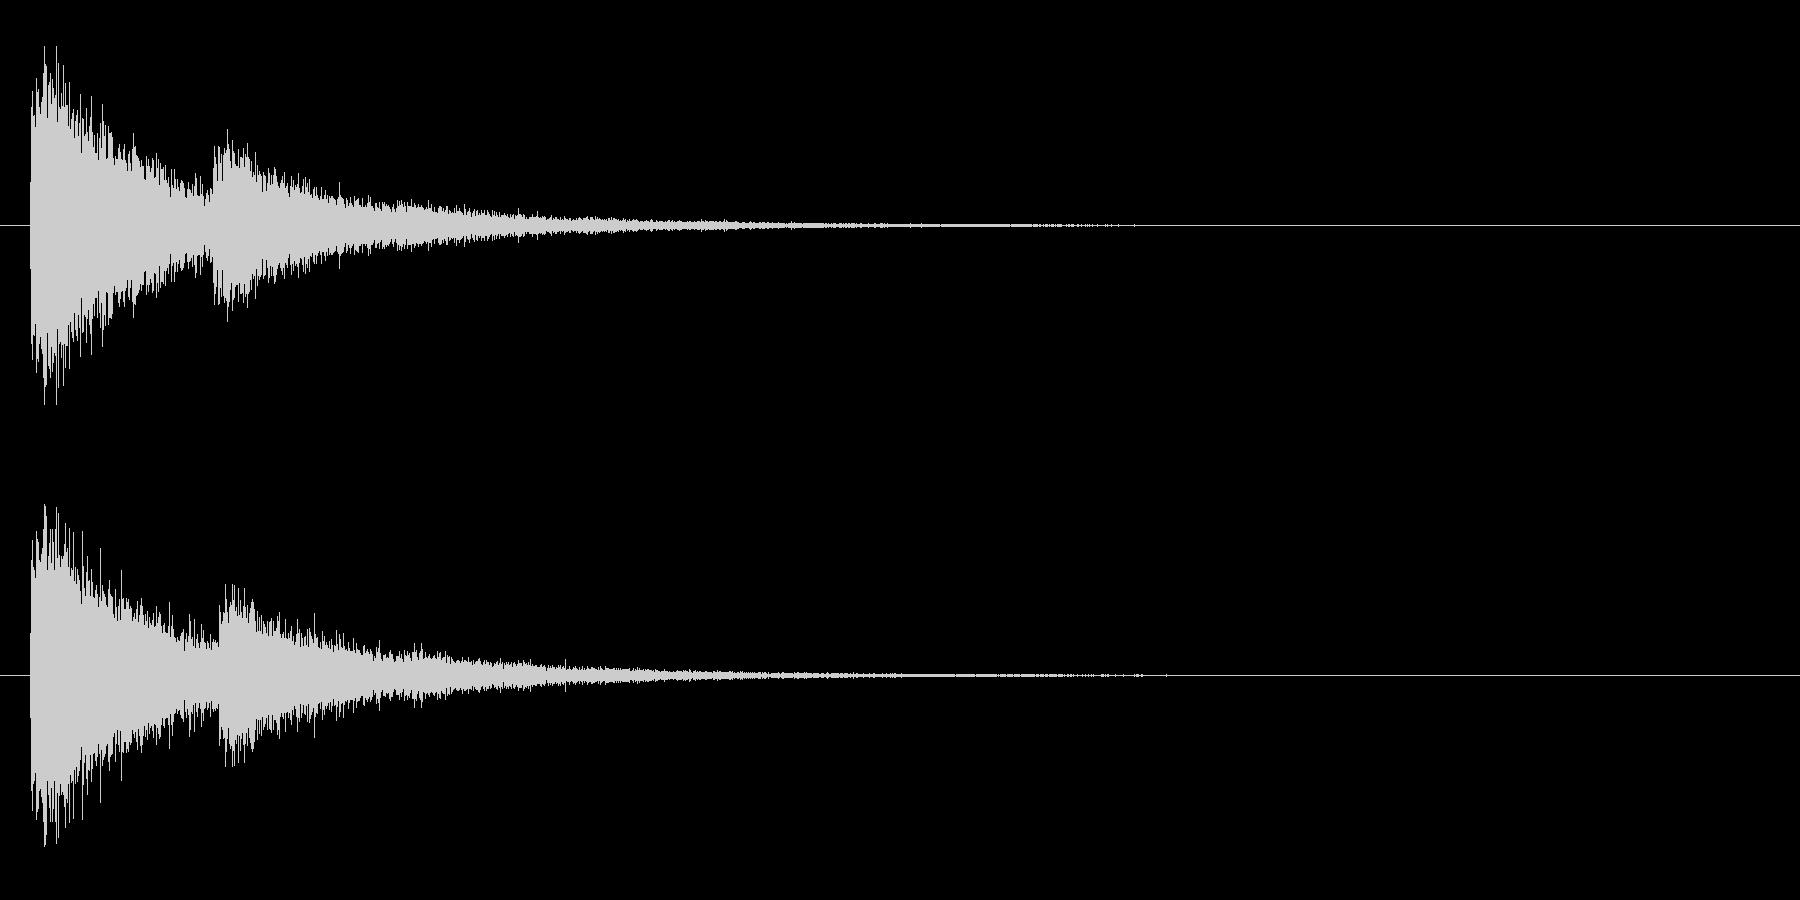 レーザー音-10-2の未再生の波形